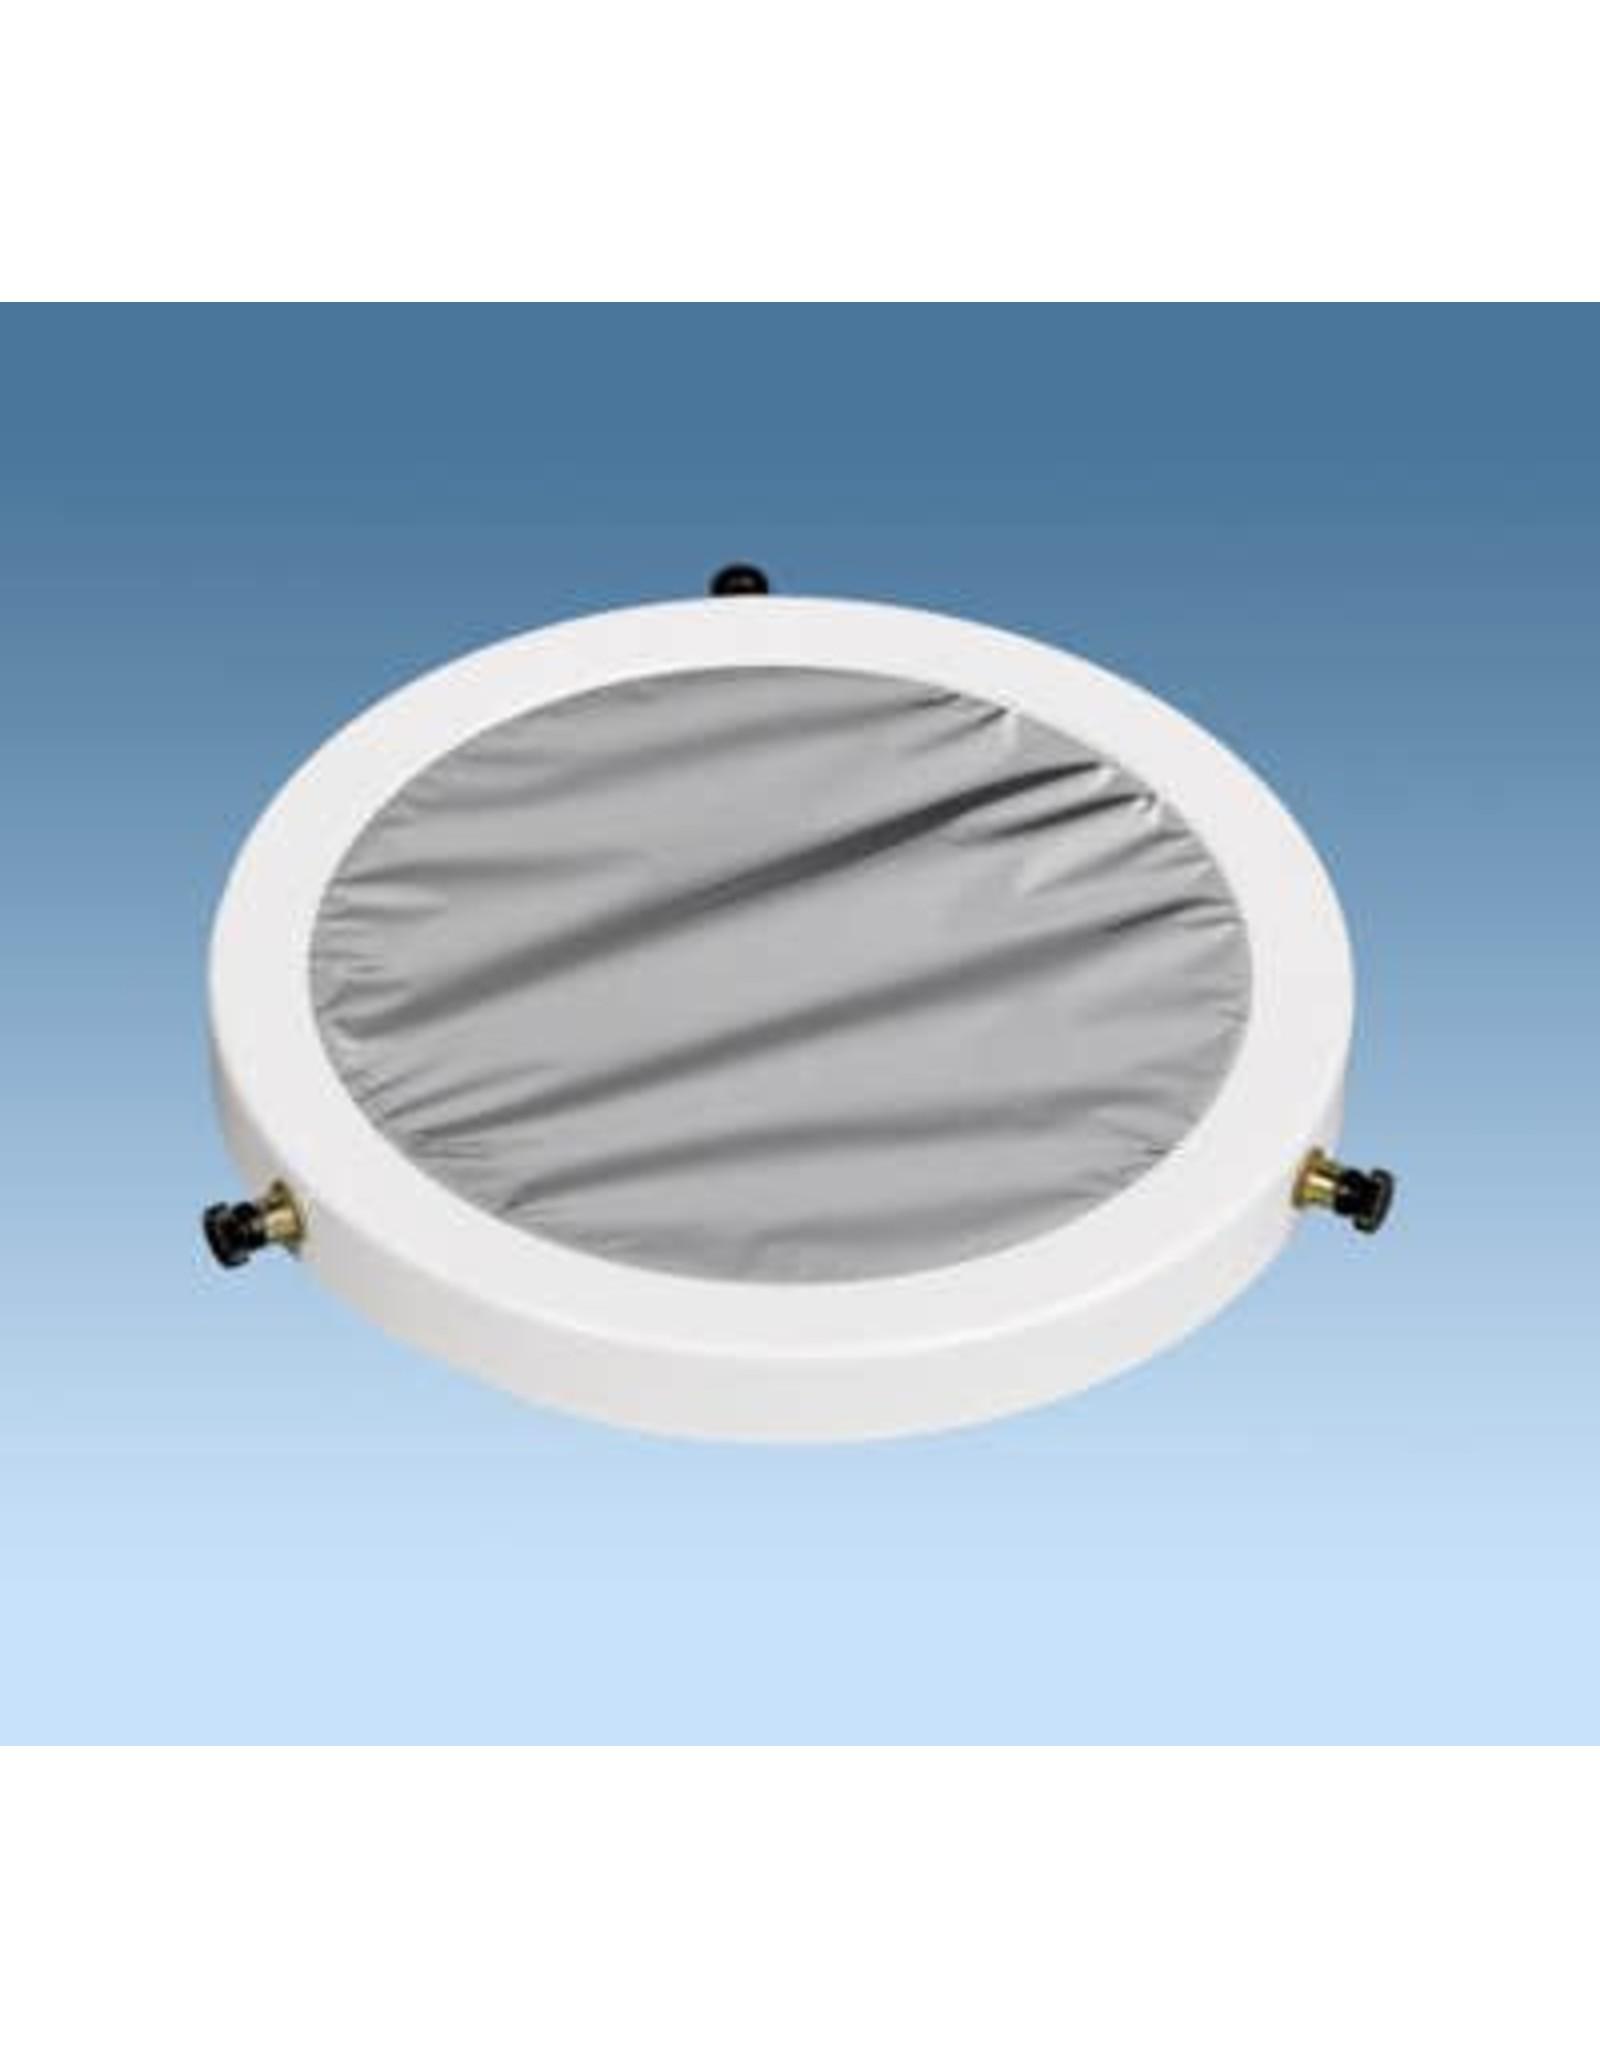 Astrozap AZ-1001-1 Baader Solar Filter - 120mm-130mm